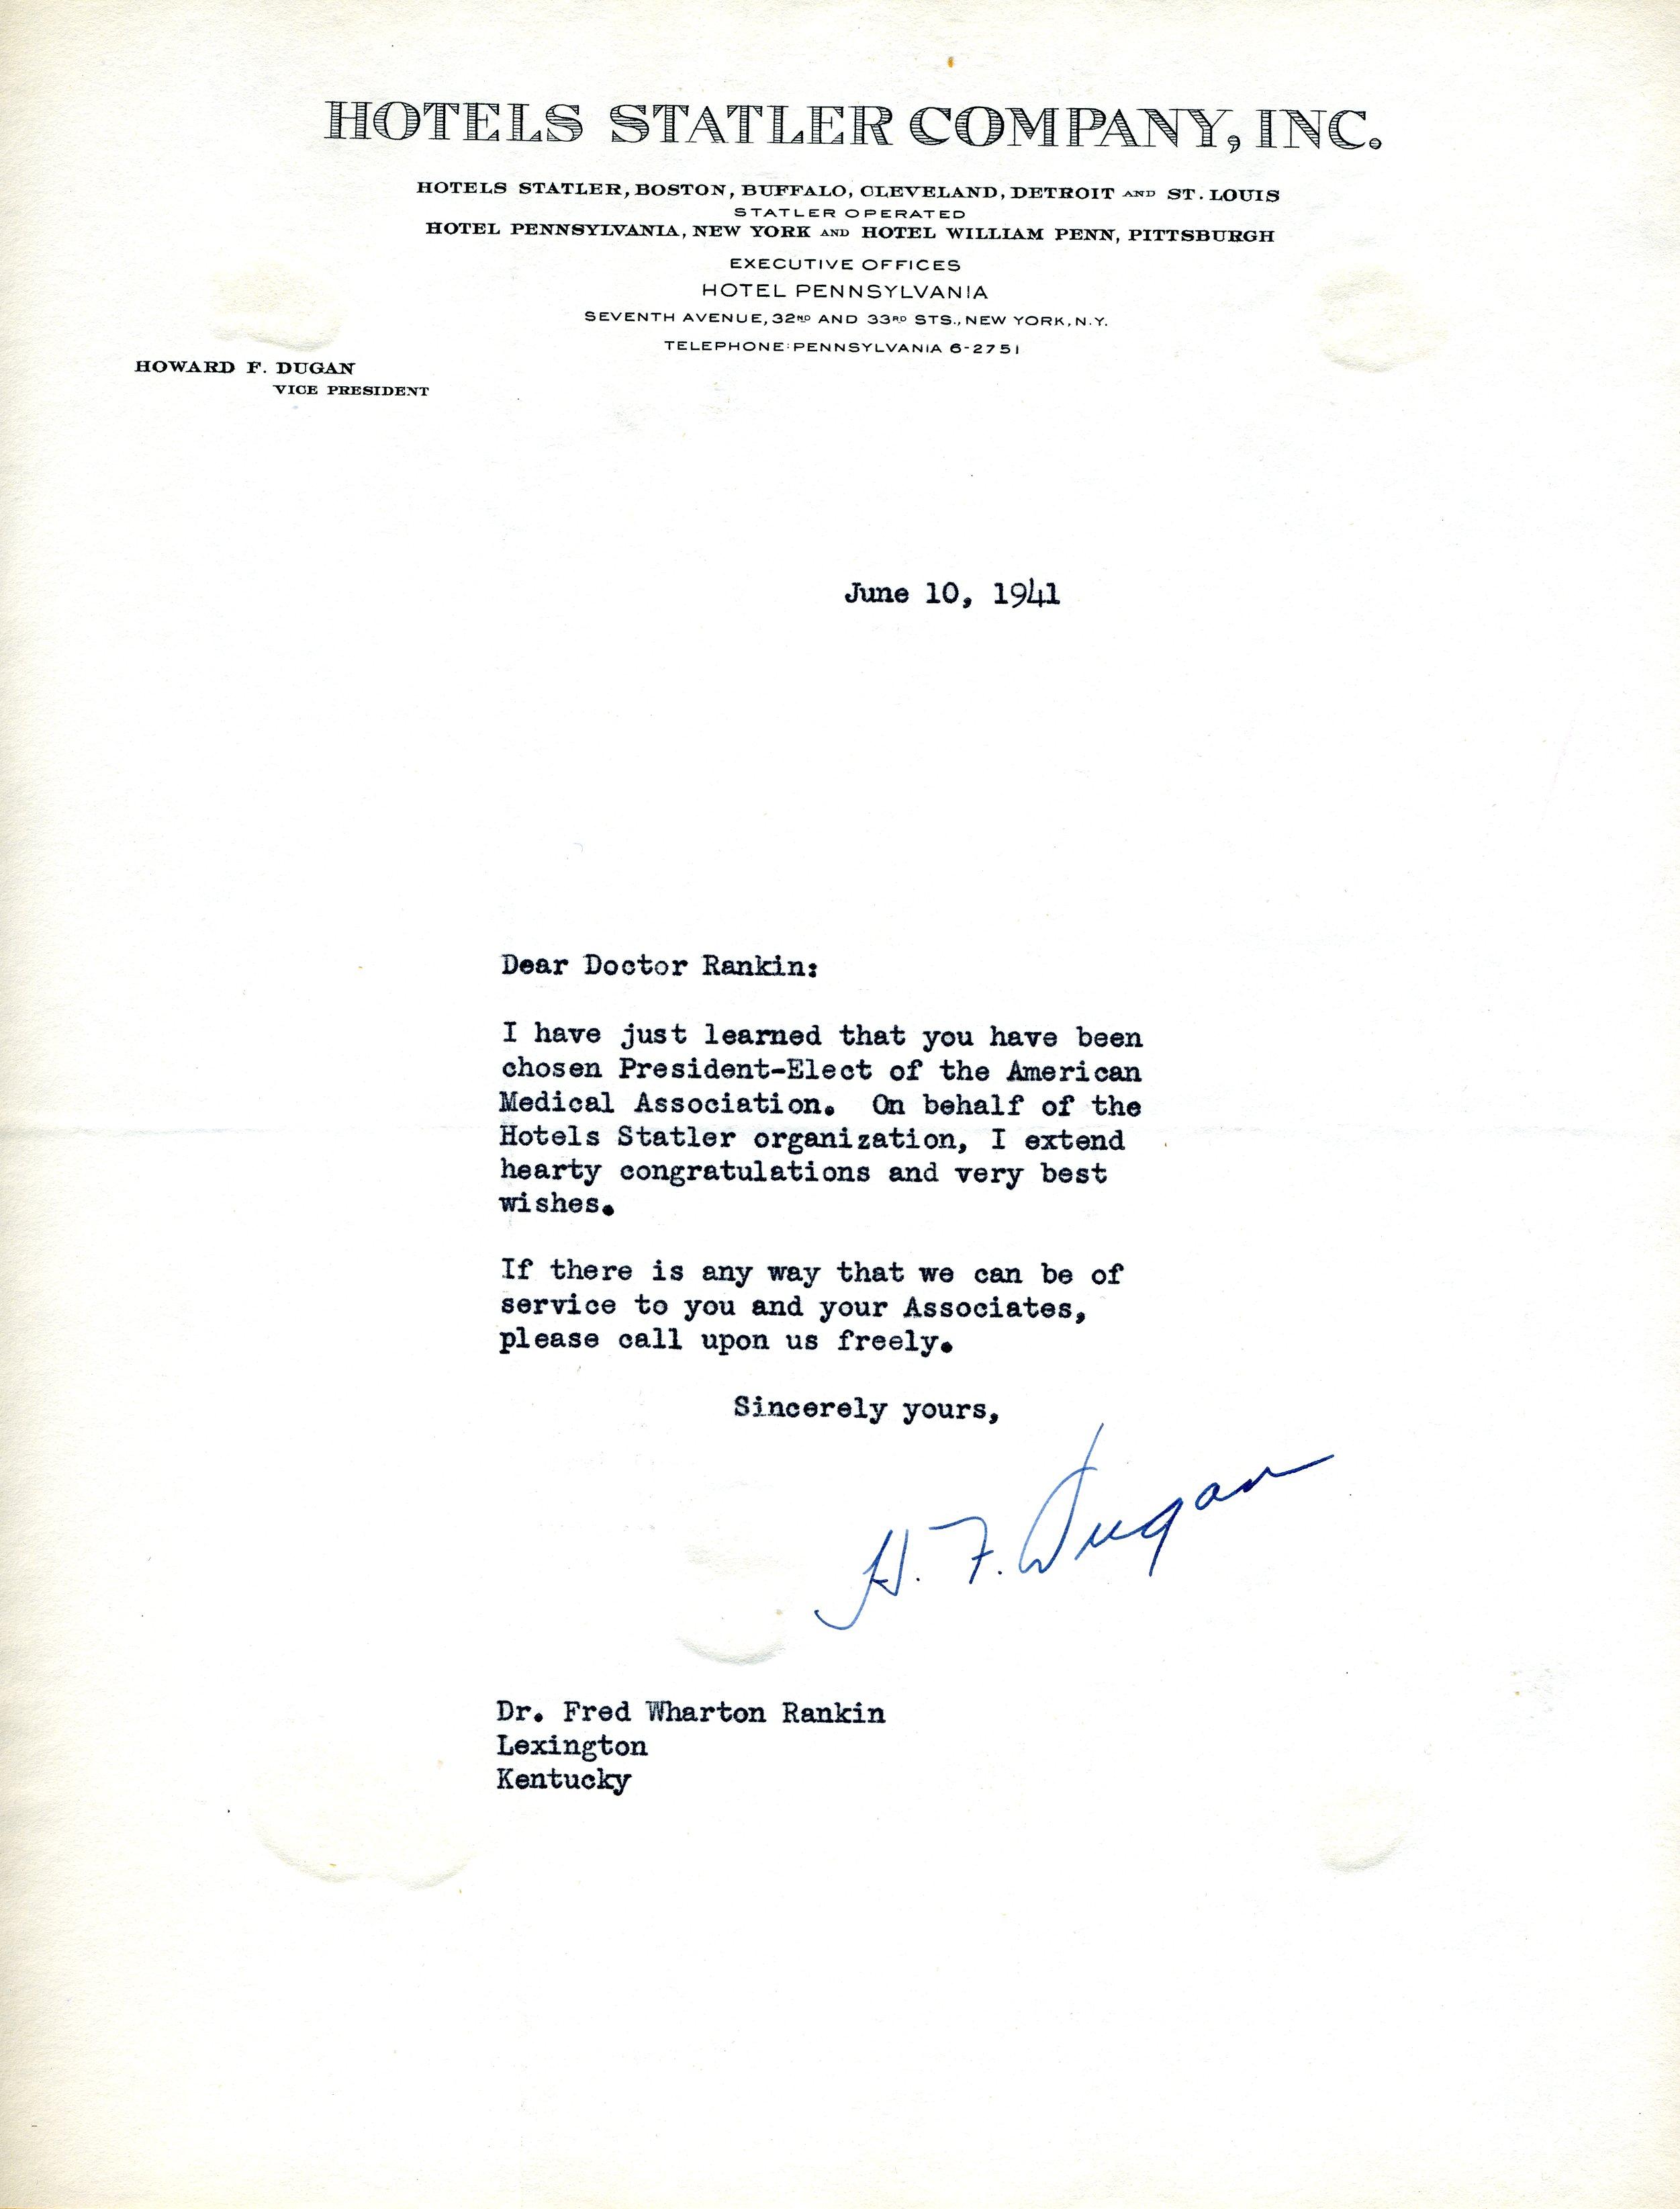 Letter from Howard F  Dugan, Vice President, Hotels Statler